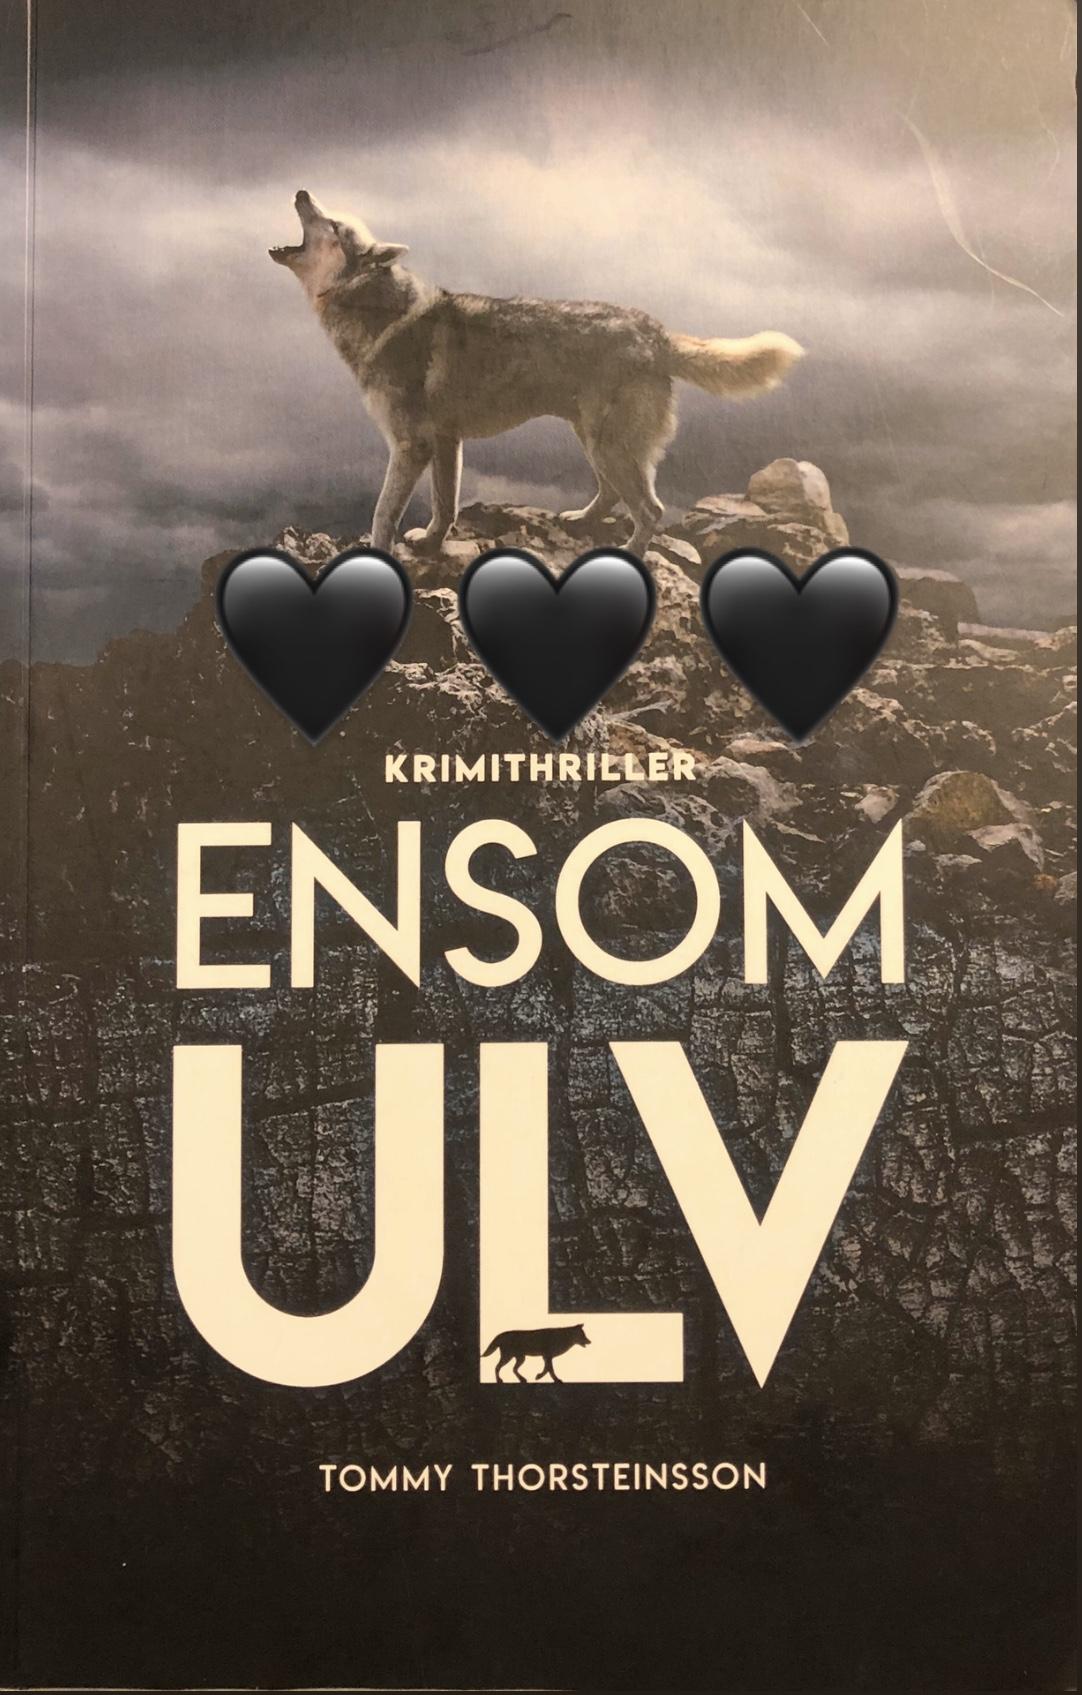 Tommy Thorsteinsson, Ensom Ulv, Forfatterskabet.dk, krummeskrummelurer, krummeskrummelurer.dj, Krummes Krummelurer, boganmeldelse, anmeldelse,